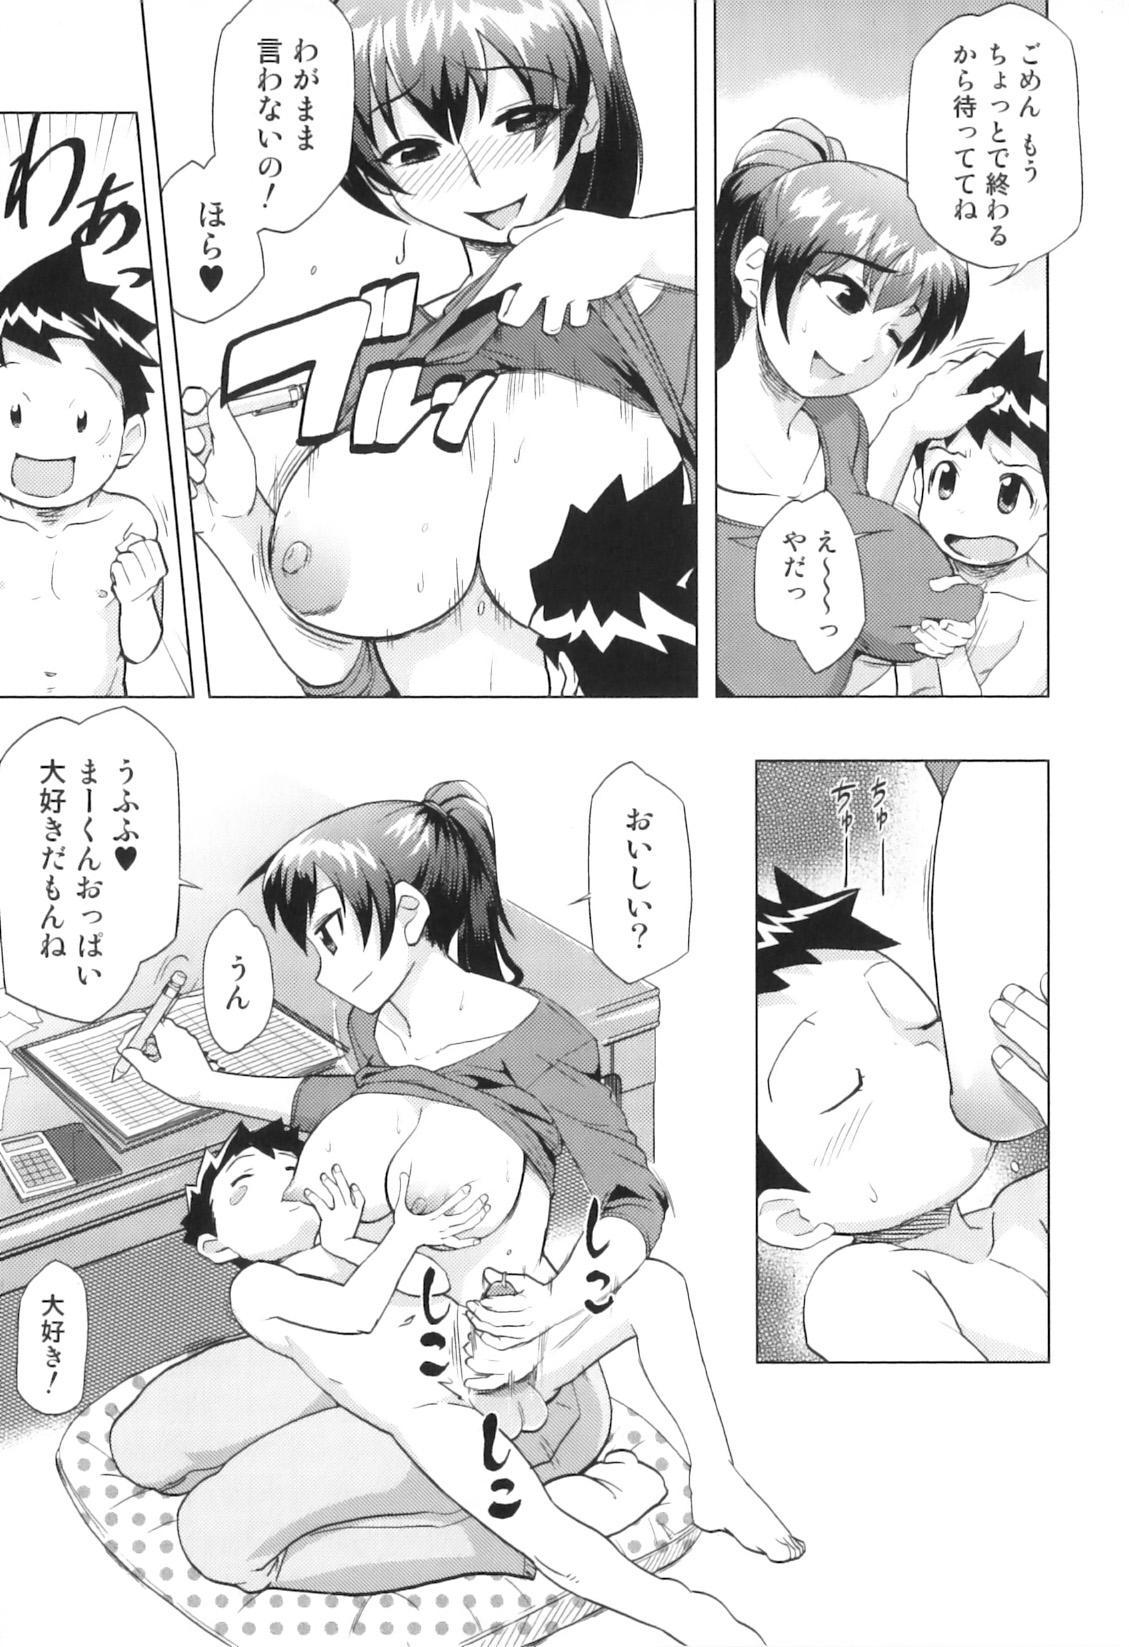 Yokujou Boshi - Desire Mother and Child 38